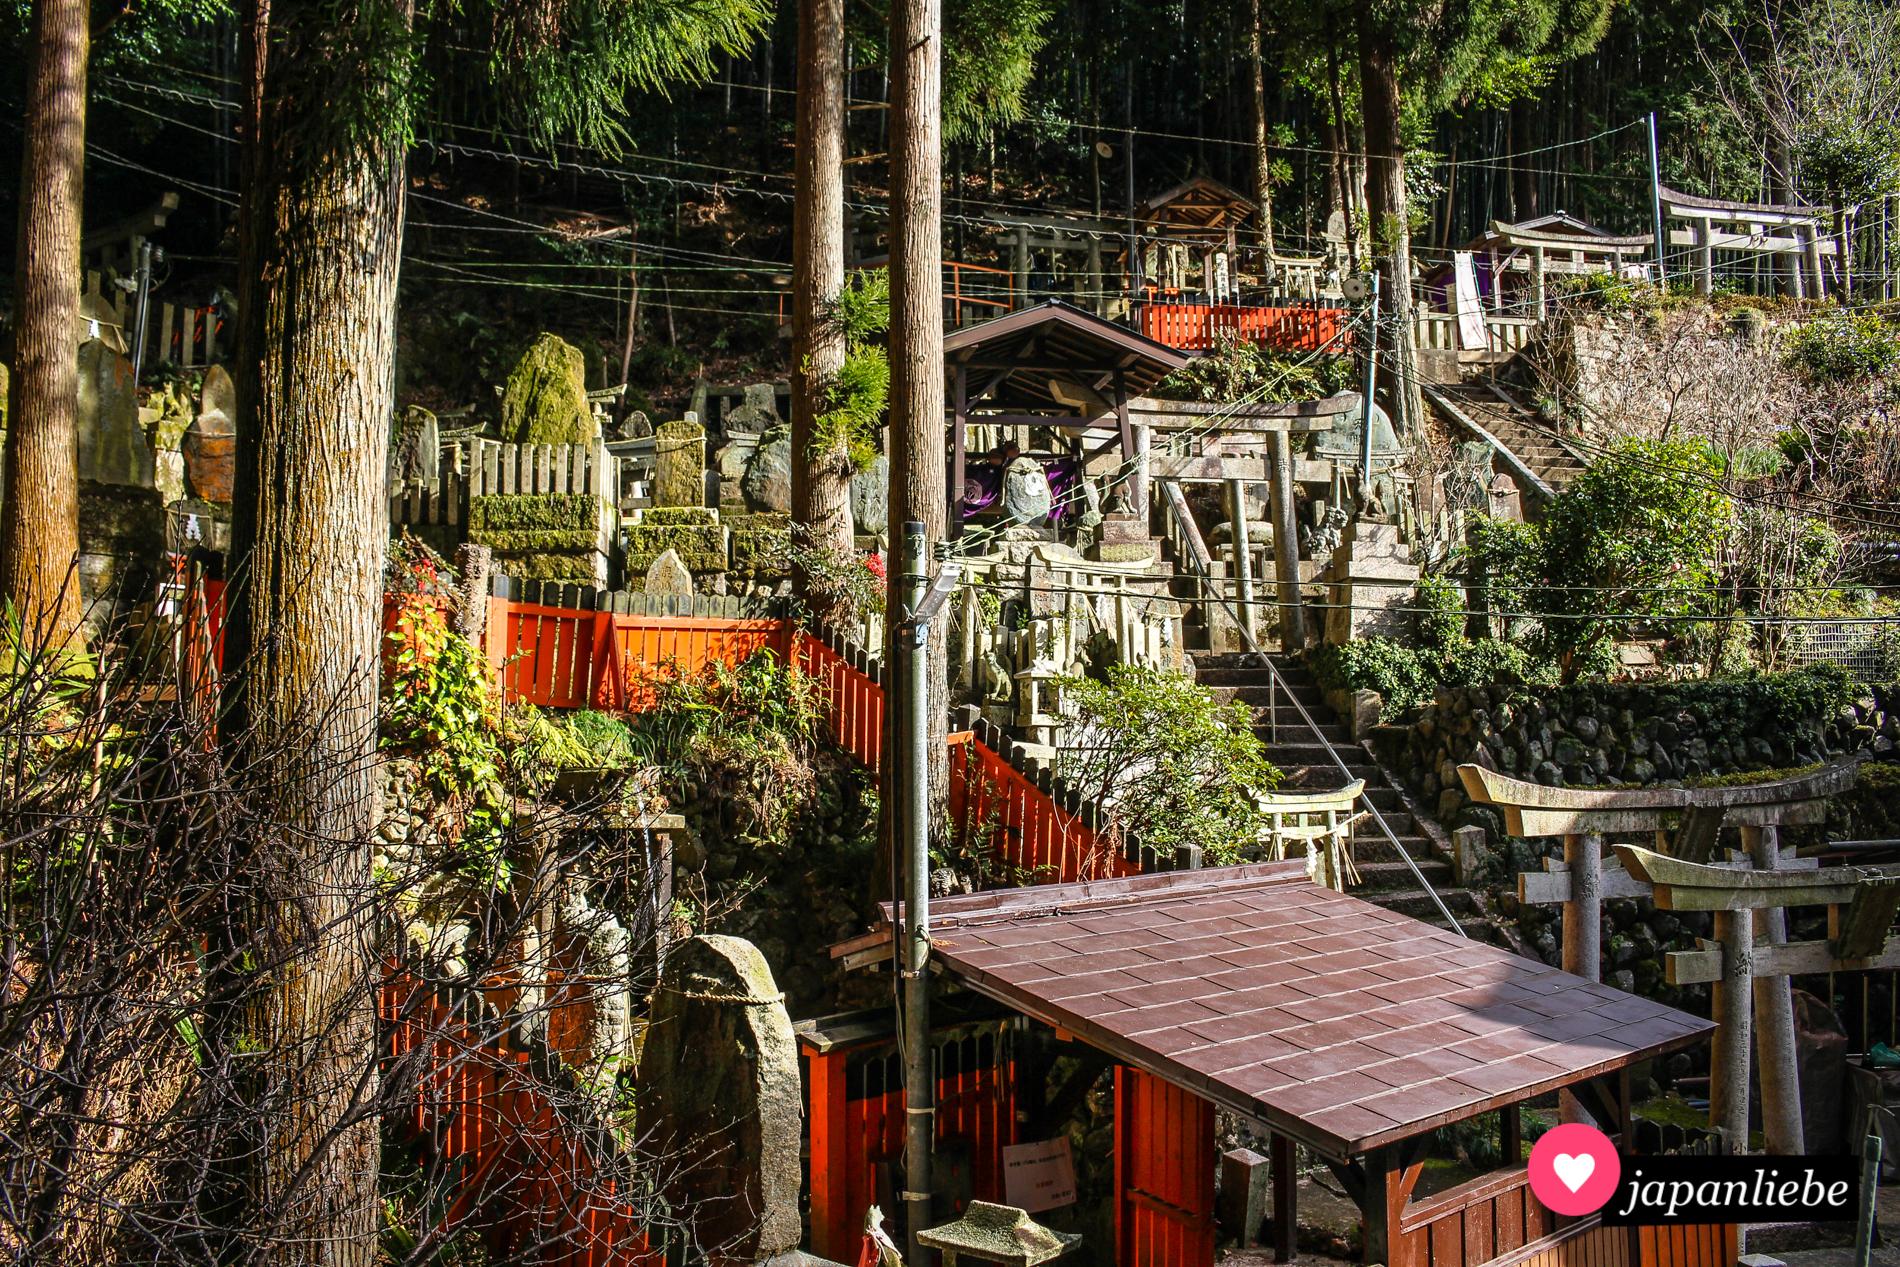 Nicht nur der Weg durch die Tausend roten Schreintore ist am Fushimi Inari-taisha spannend. Vor allem auf den anderen Wegen den Weg hoch, lassen sich magische Orte wie dieser entdecken.